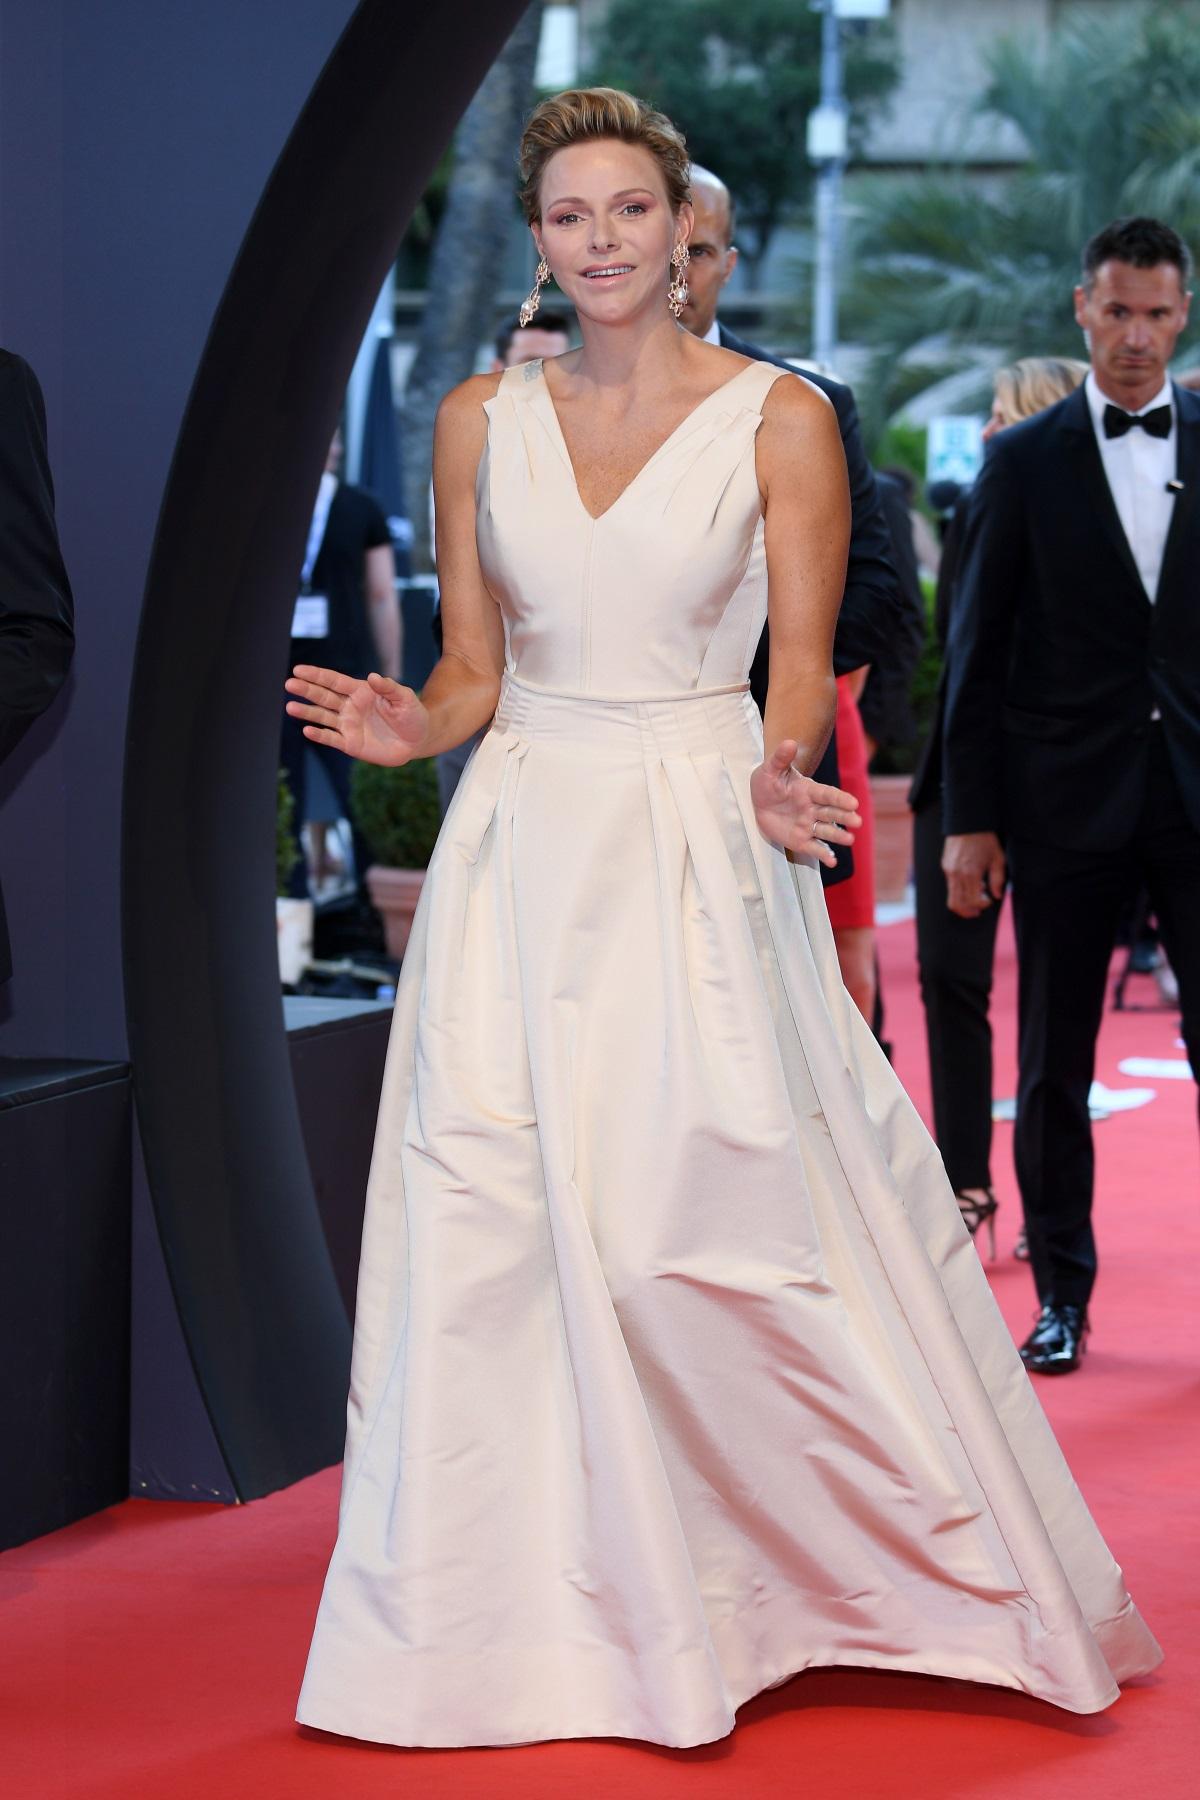 Чарлийн - принцесата на Монако, е известна с безупречния си стил. Независимо дали е облечена с дънки и сако на градинско парти, или с дълга сребриста рокля на официална вечеря, съпругата на принц Албер II изглежда впечатляващо.